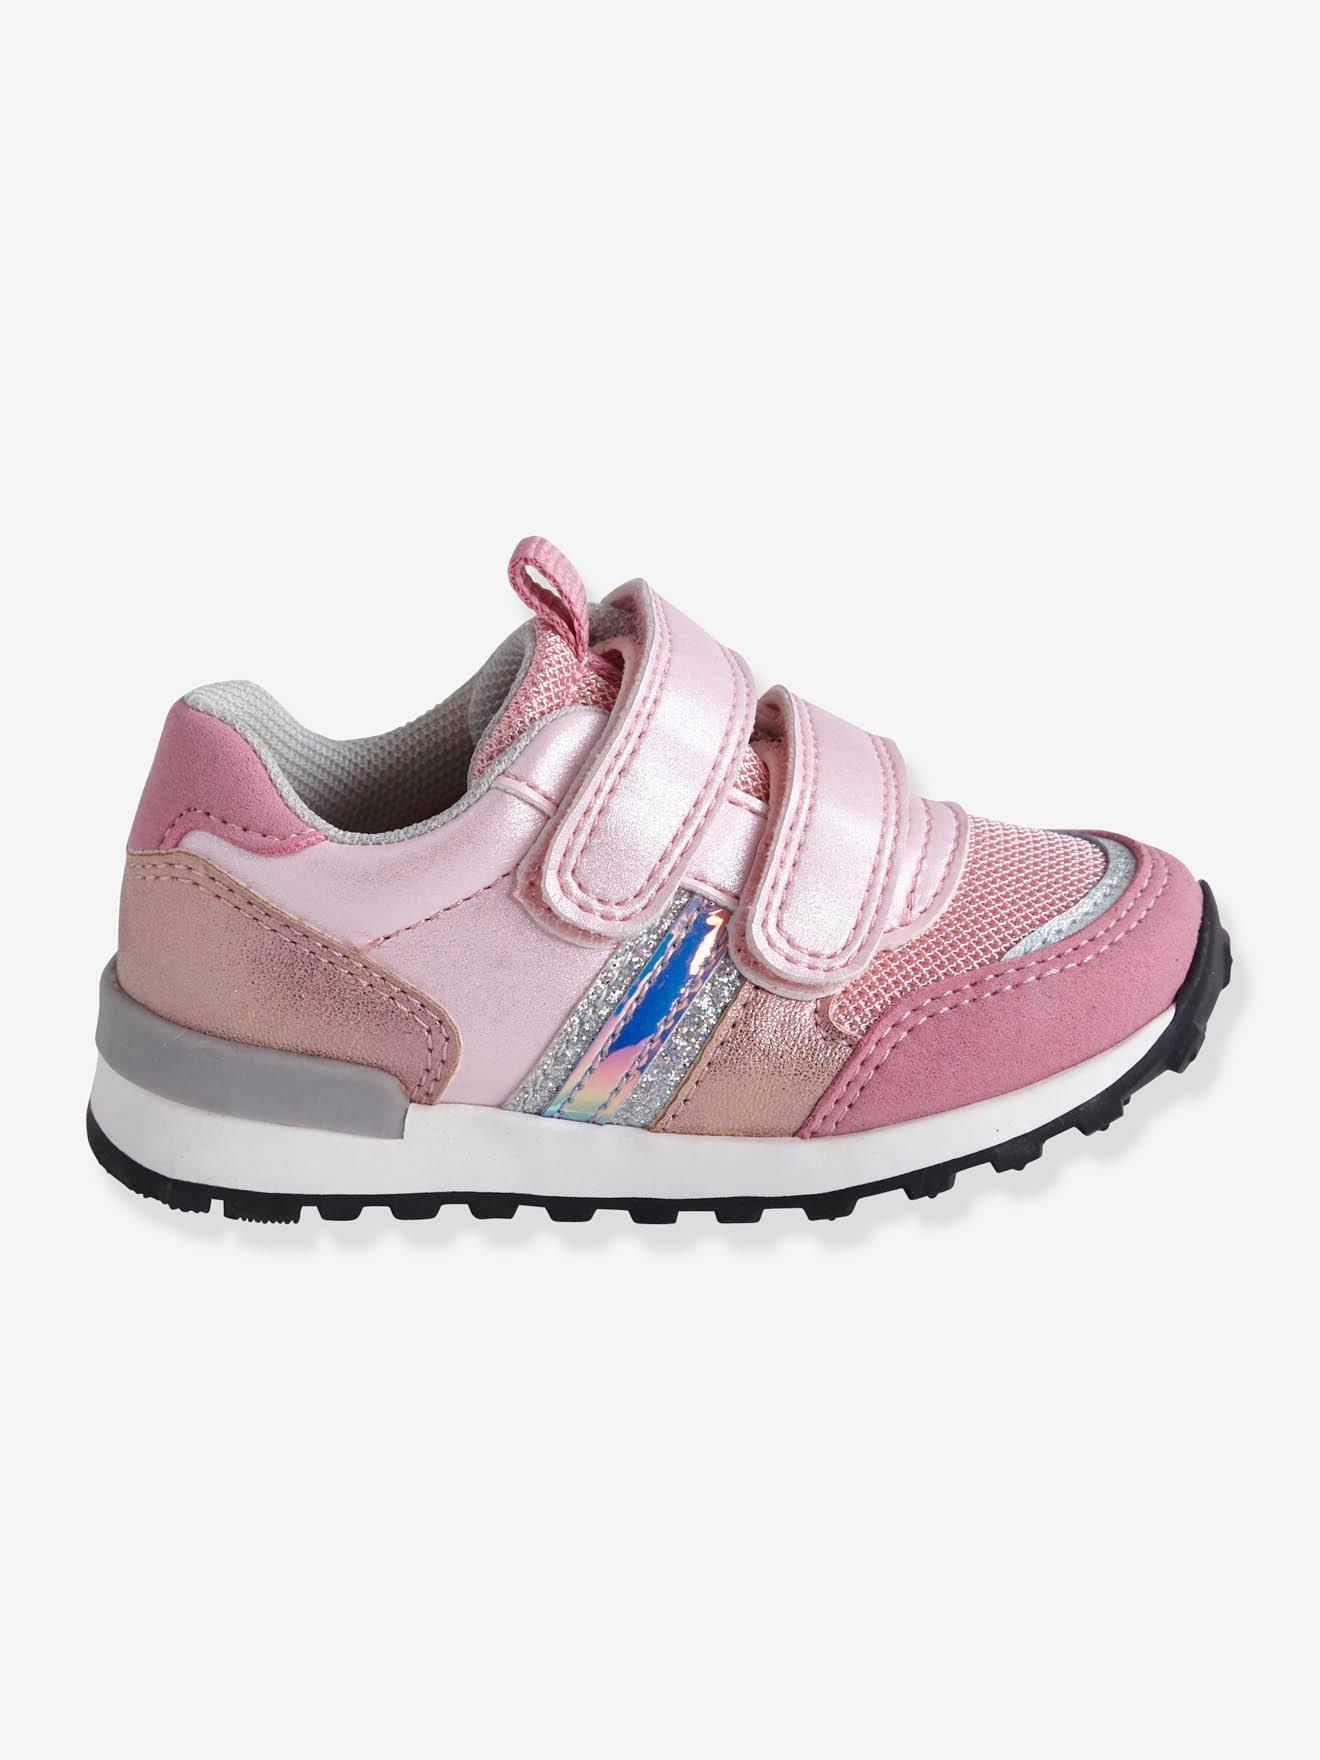 c1b500f3708e Zapatillas deportivas estilo running con tiras autoadherentes bebé niña  azul claro liso con motivos - Vertbaudet